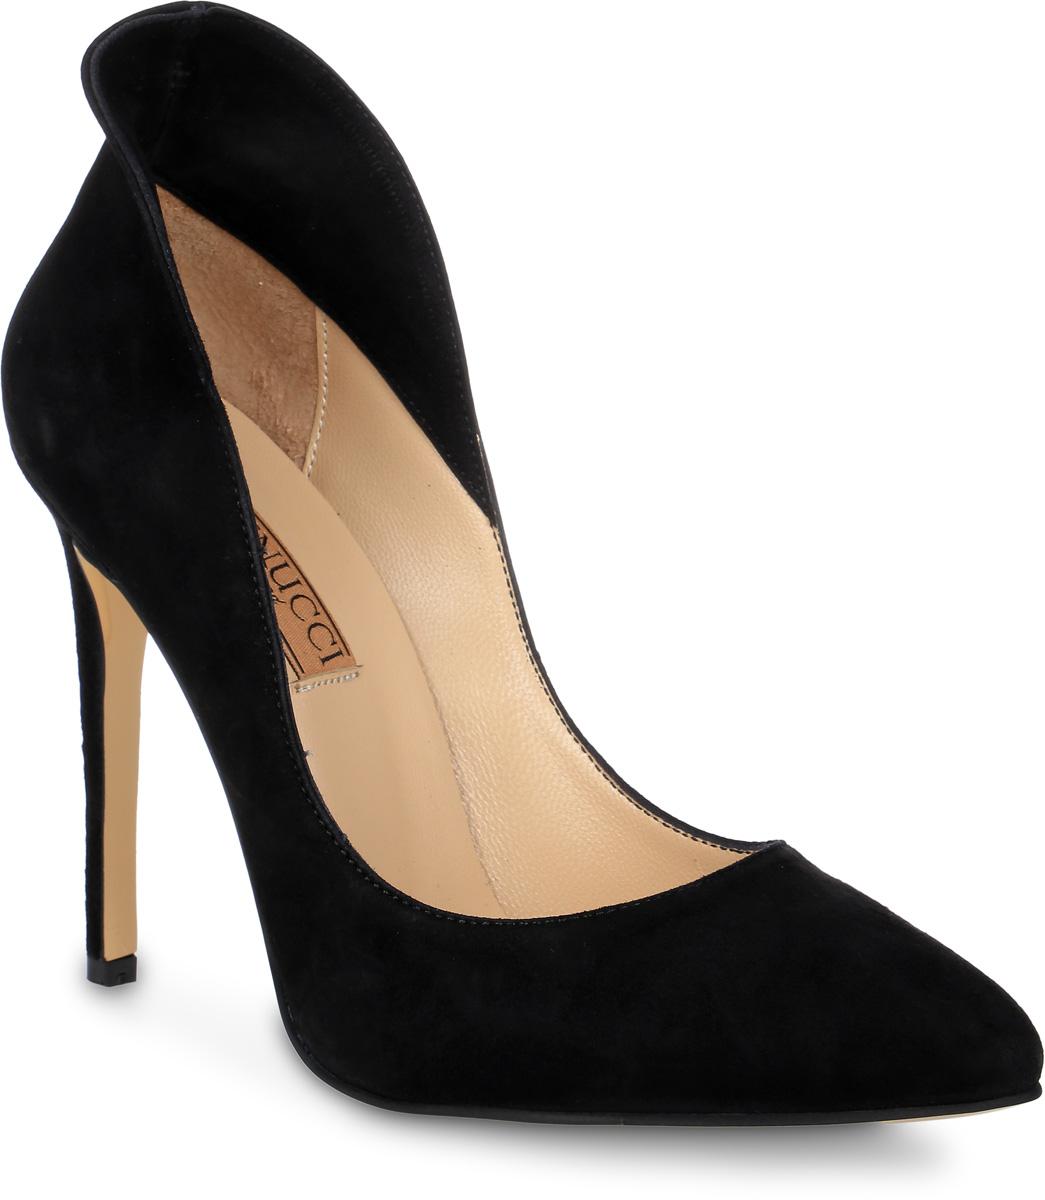 Туфли женские Benucci, цвет: черный. 5044. Размер 405044Изысканные женские туфли от Benucci поразят вас своим дизайном! Модель выполнена из натуральной замши. Подкладка и стелька - из натуральной кожипозволят ногам дышать и обеспечат максимальный комфорт при ходьбе. Зауженный носок добавит женственности в ваш образ. Высокий каблук-шпилька устойчив. Подошва с рифлением обеспечивает идеальное сцепление с любой поверхностью. Изысканные туфли добавят в ваш образ немного шарма и подчеркнут ваш безупречный вкус.